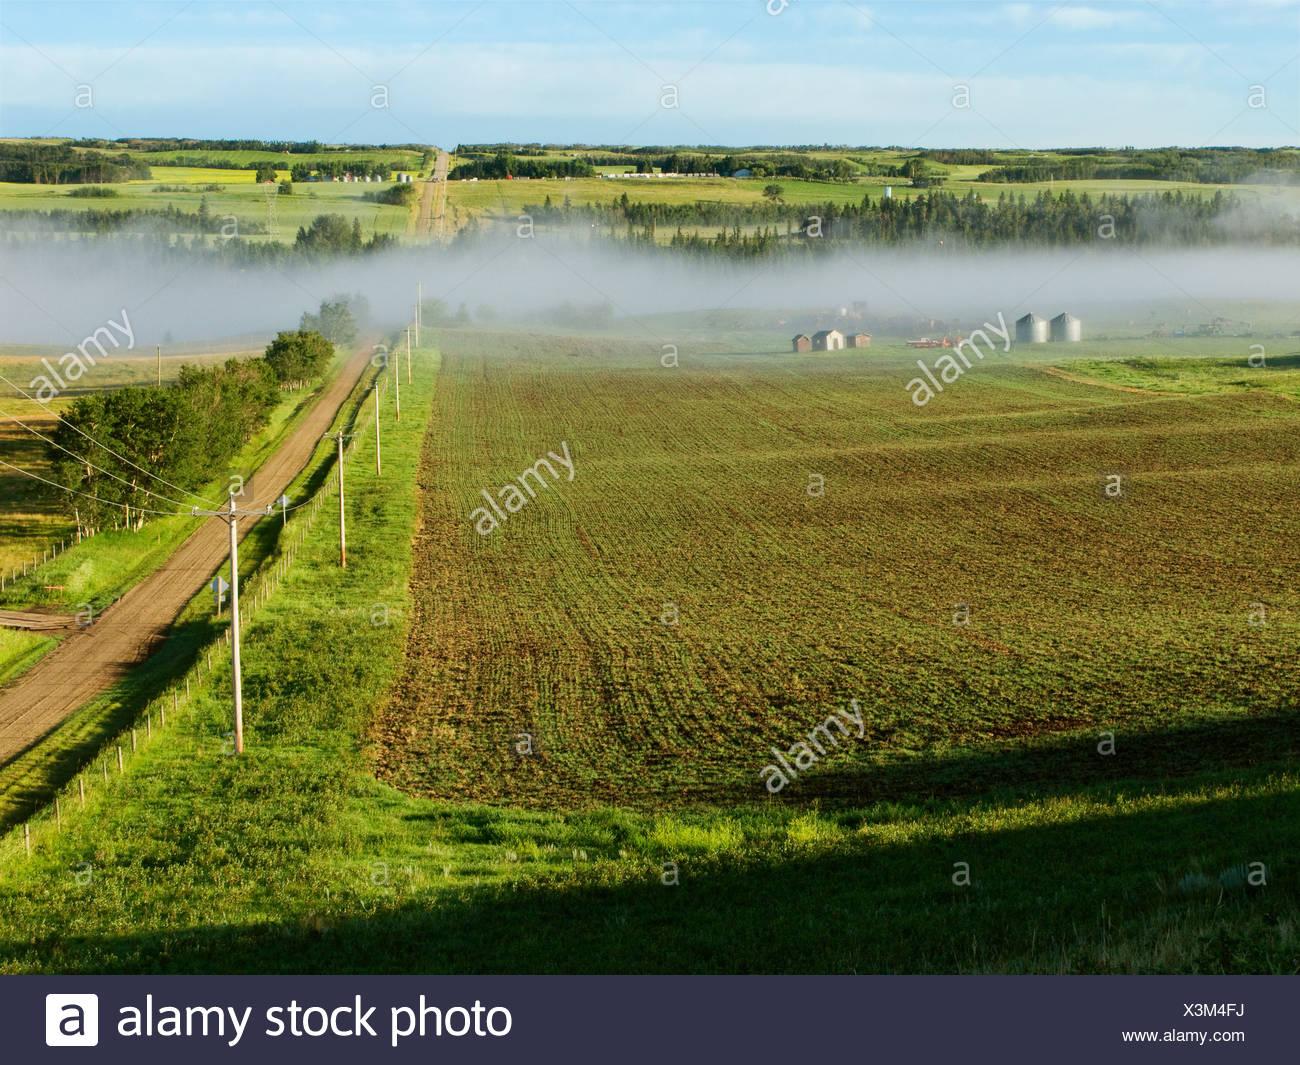 Un pays de gravier route mène à la rivière Red Deer et un début de la croissance des grains de céréales sur le champ gauche / de l'Alberta, au Canada. Photo Stock